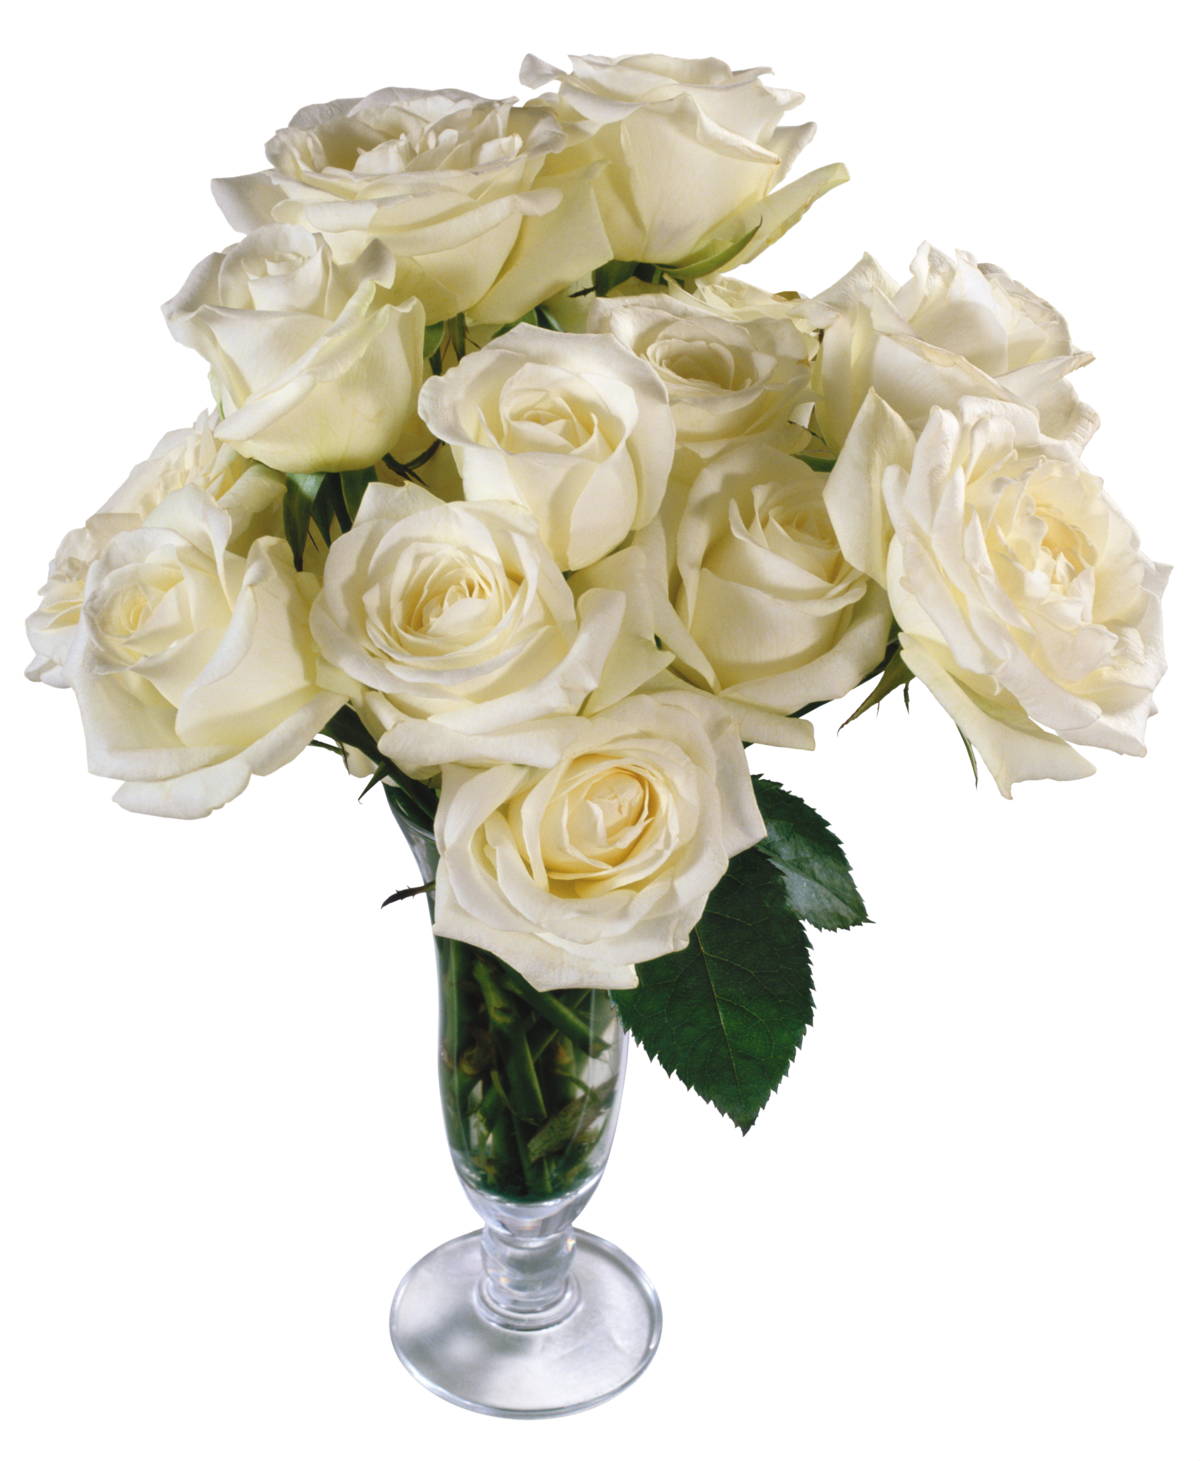 Картинки анимация белых роз